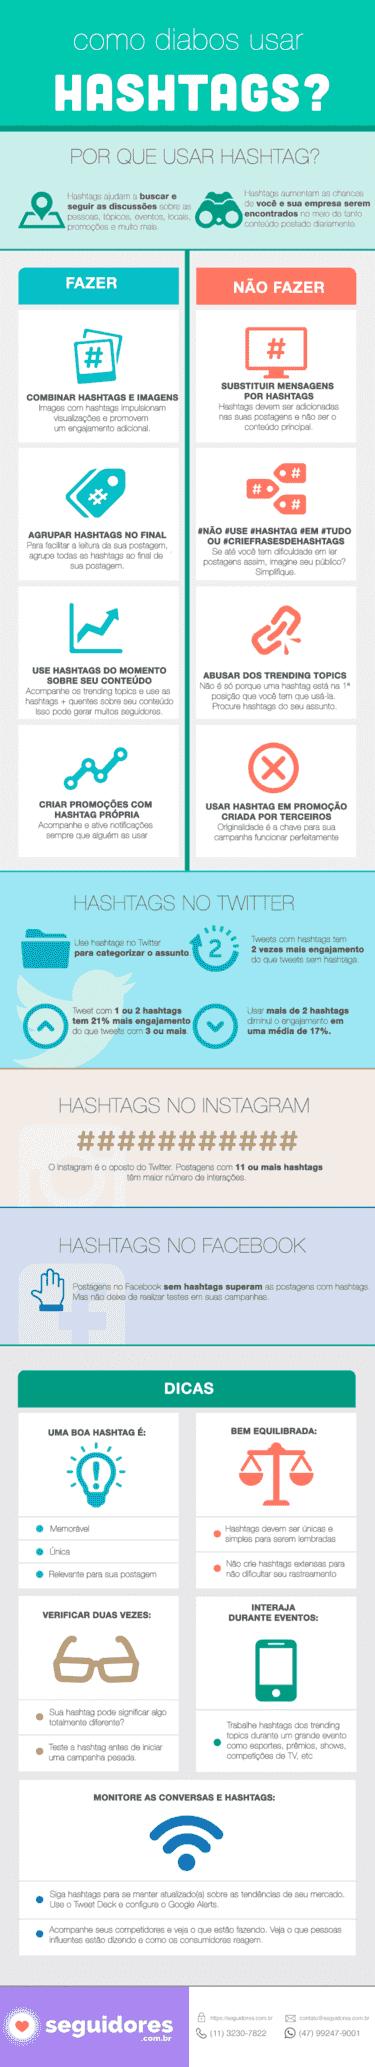 Aumentar alcance hashtags